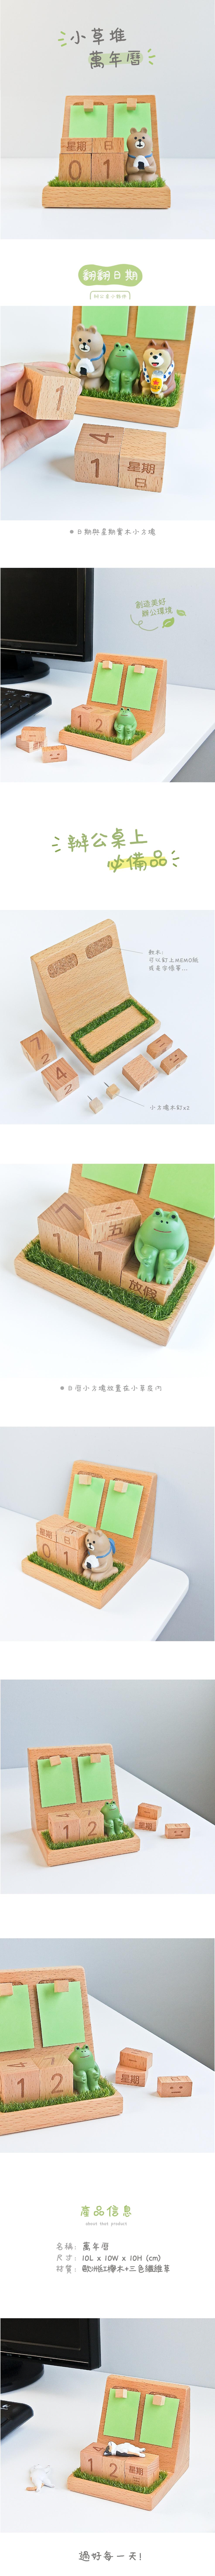 【限量預購中!】TOSMU童心木 小草堆萬年曆(歐洲櫸木)